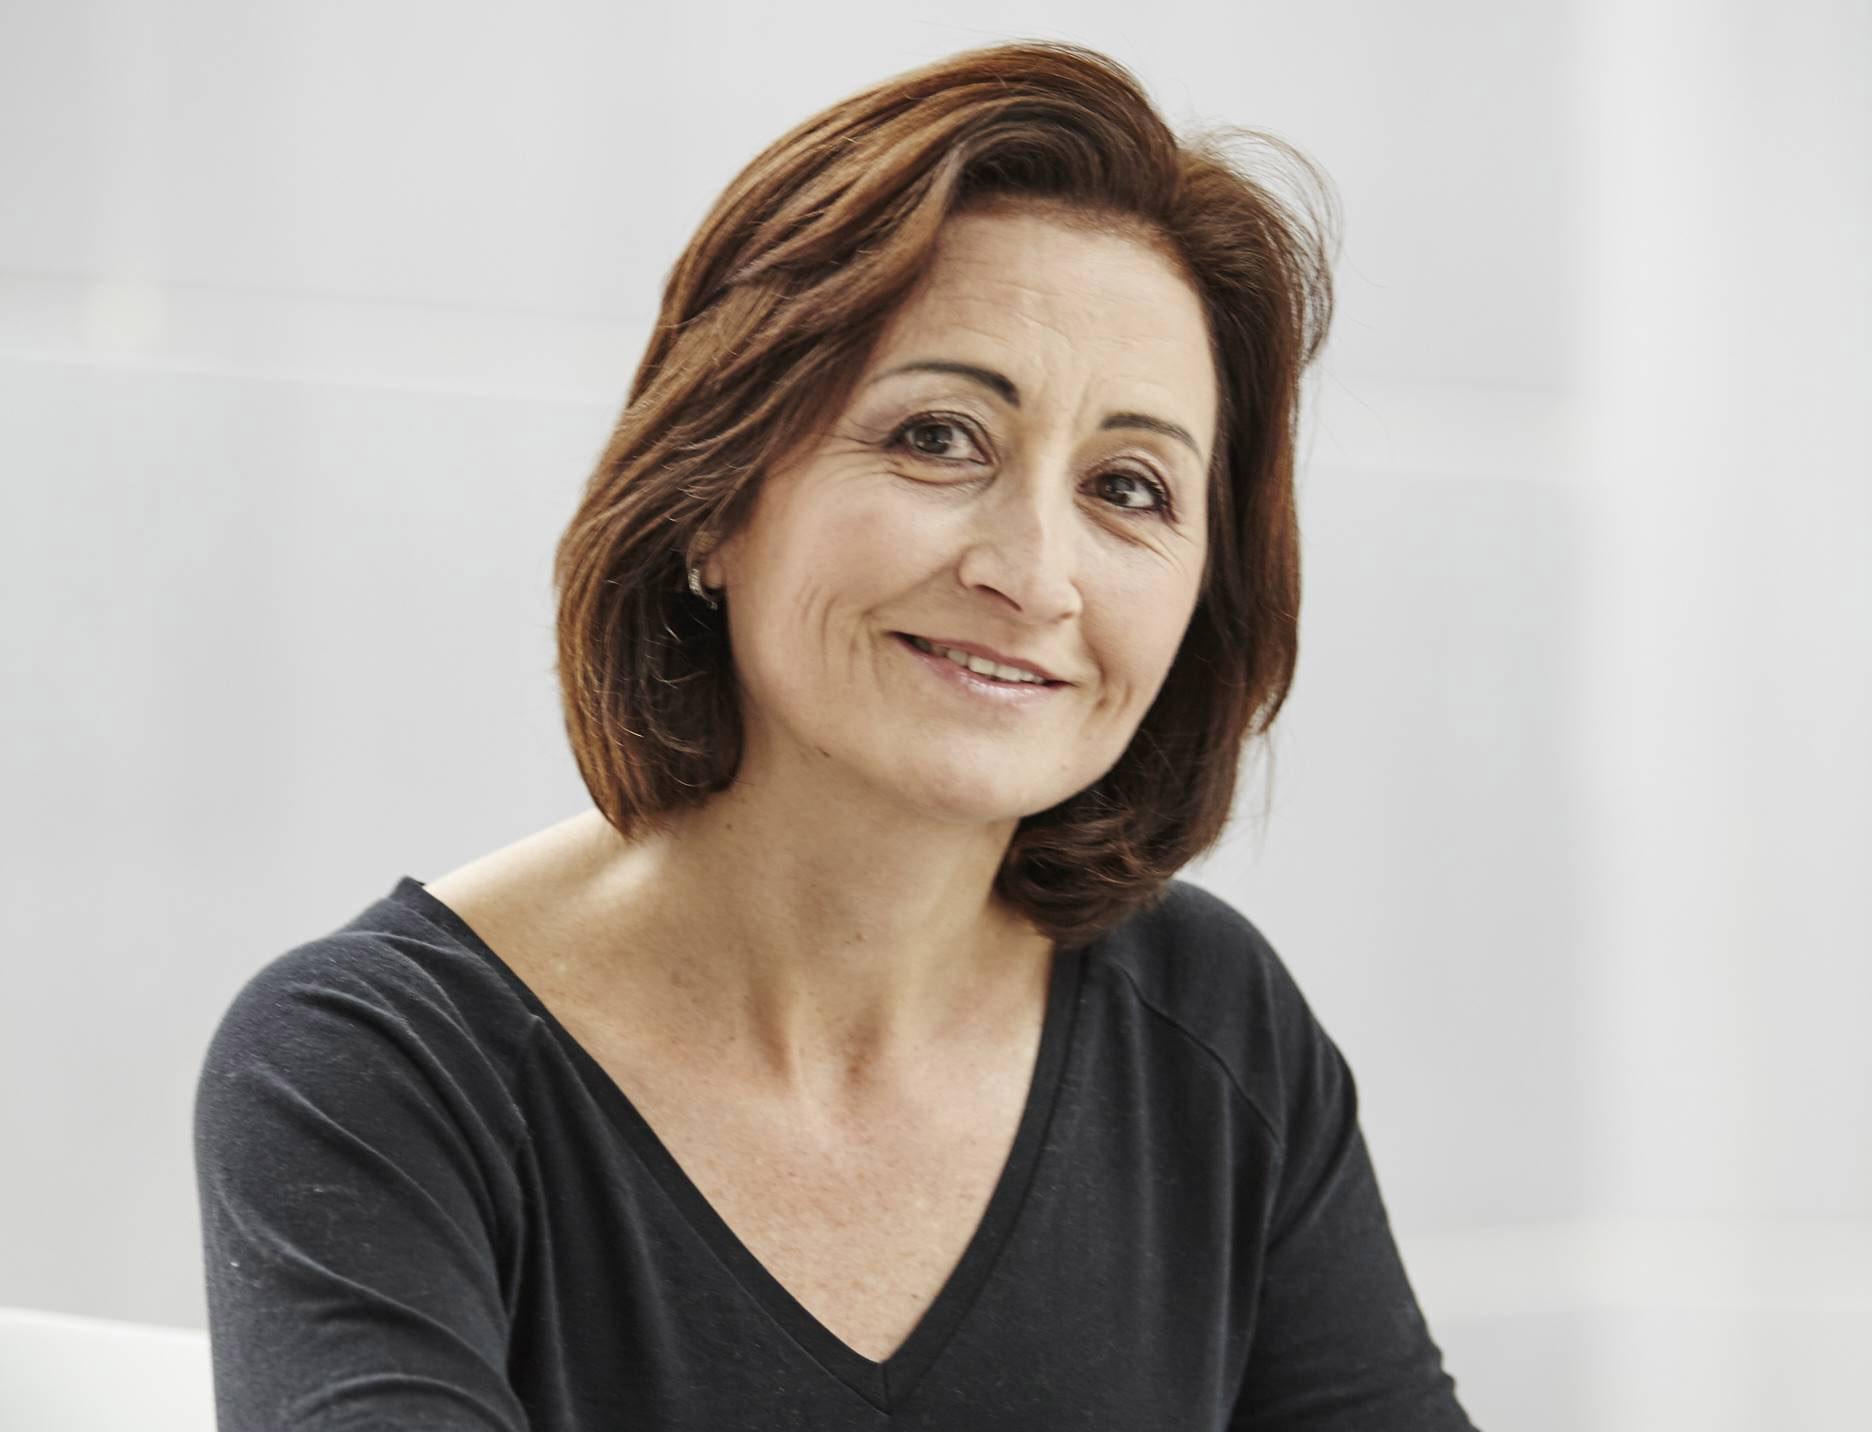 Raquel Carrero